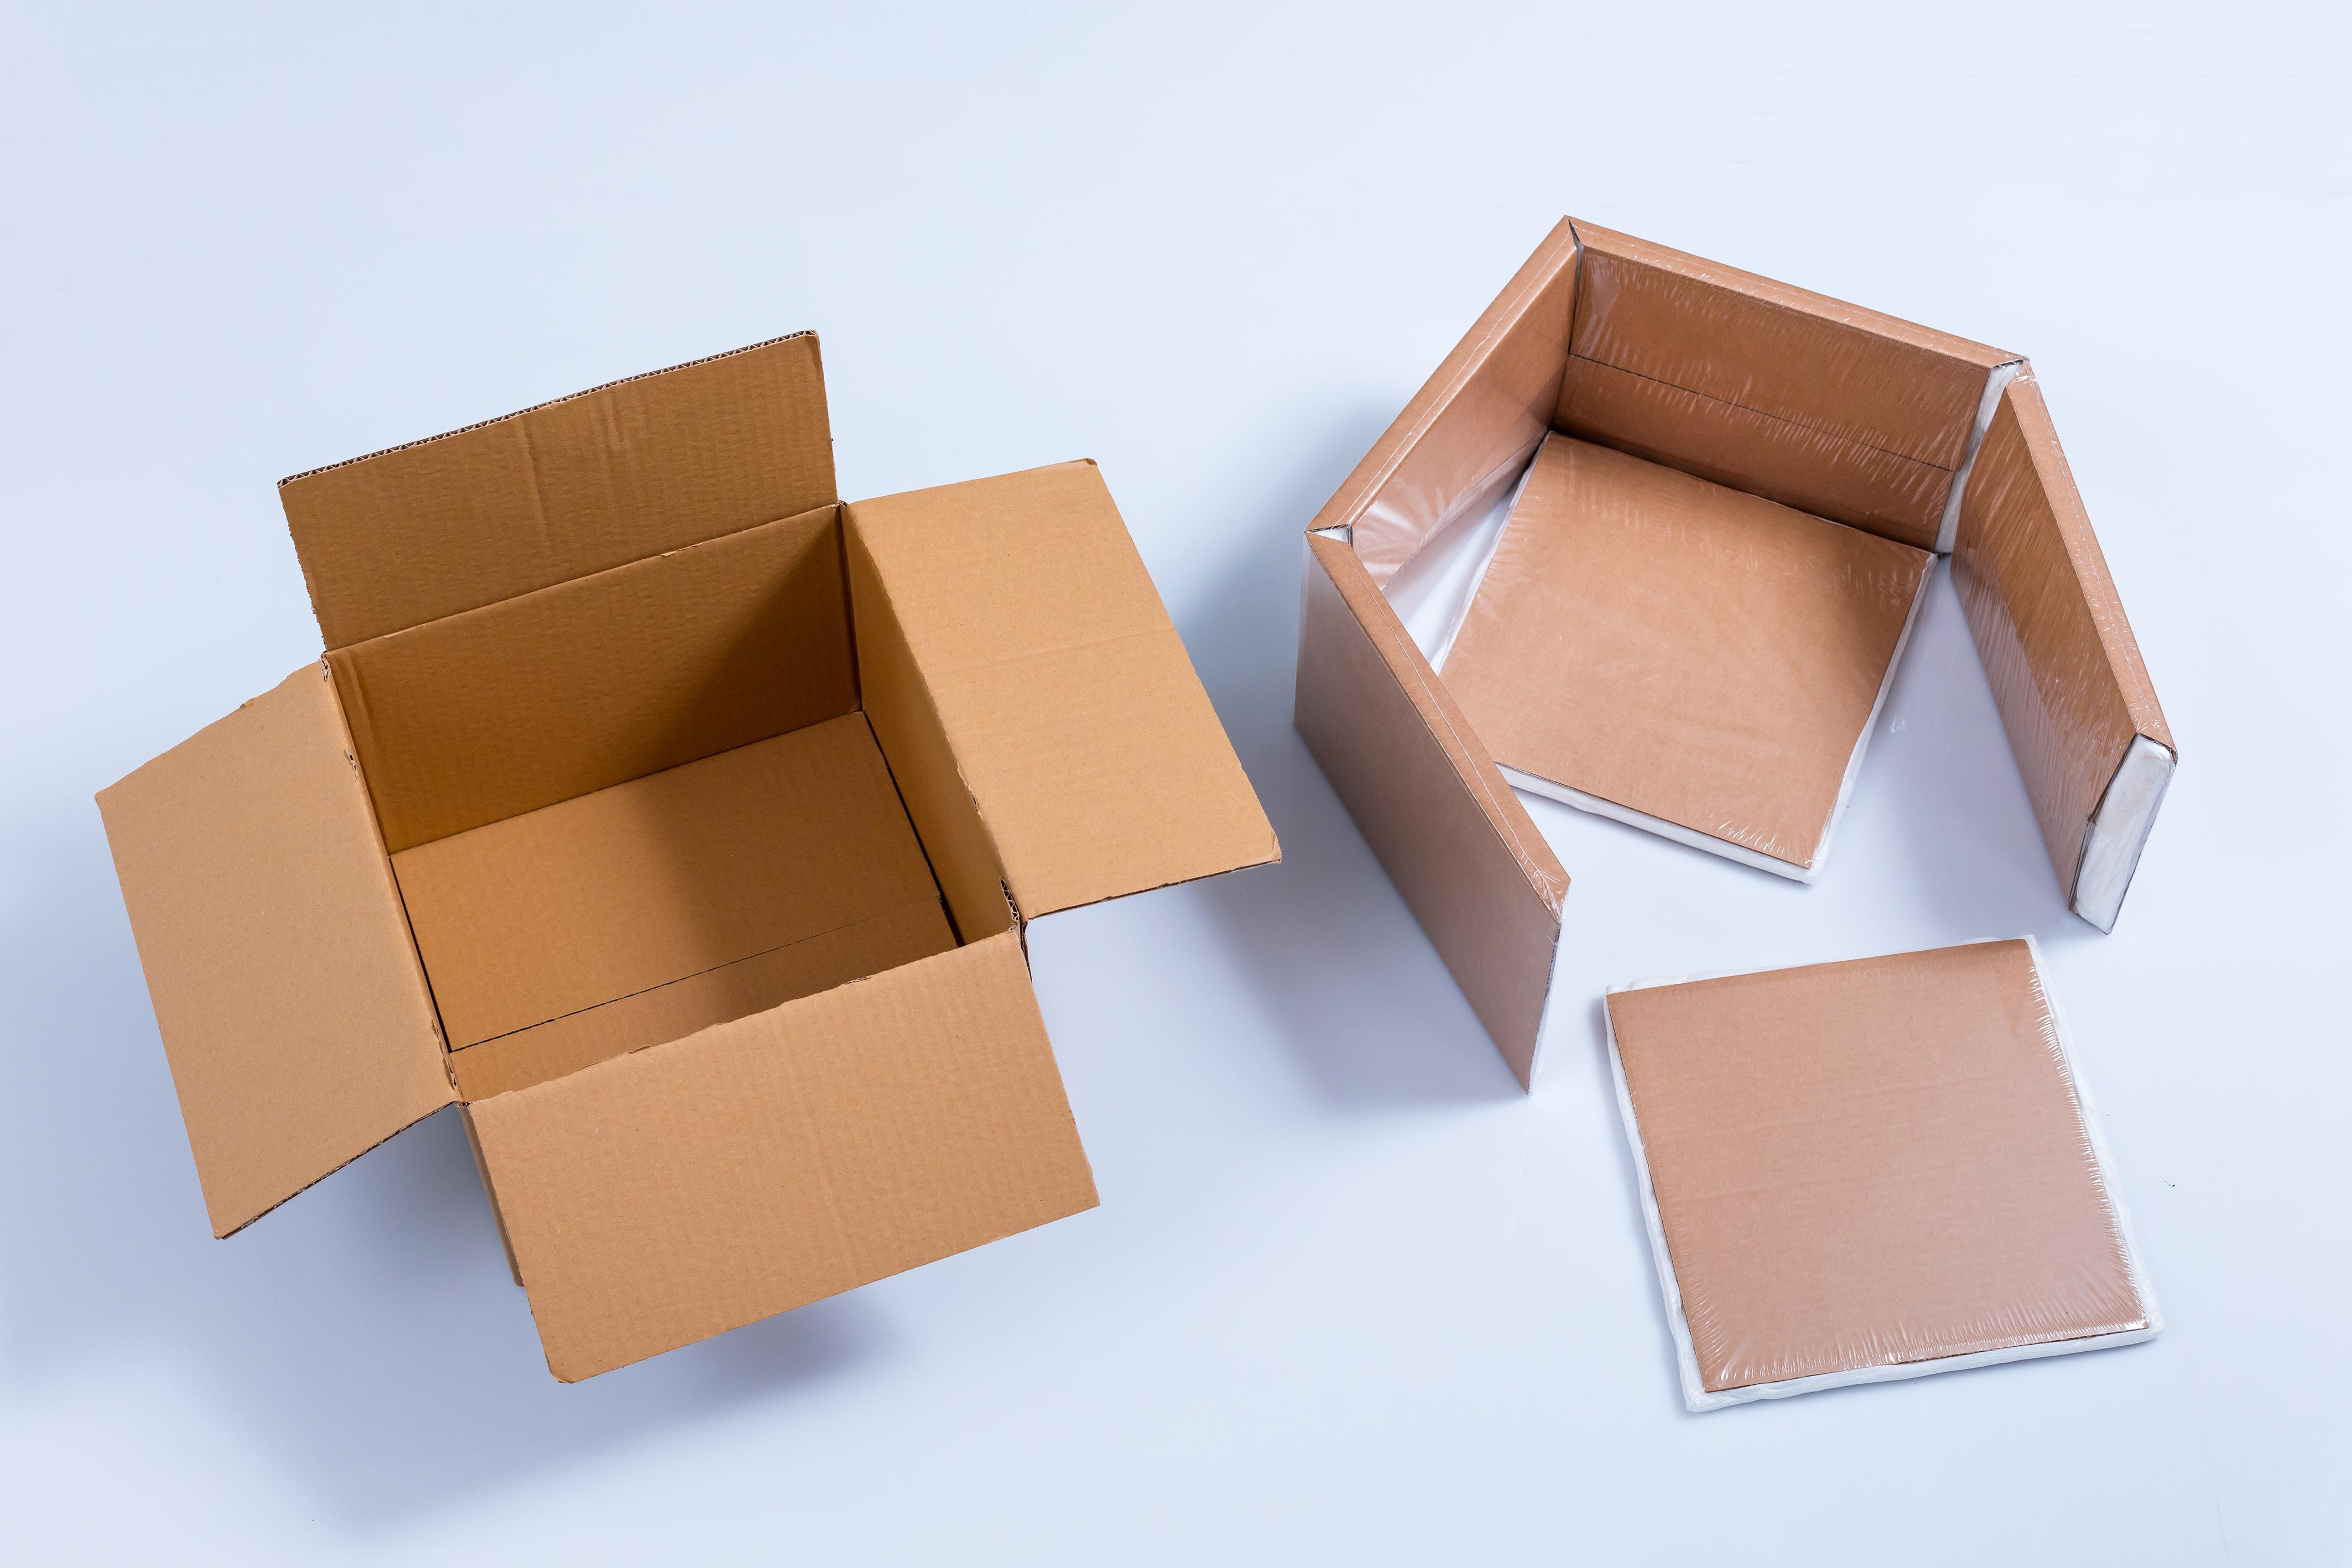 Kühlverpackung für Versand von Käse Schritt 1